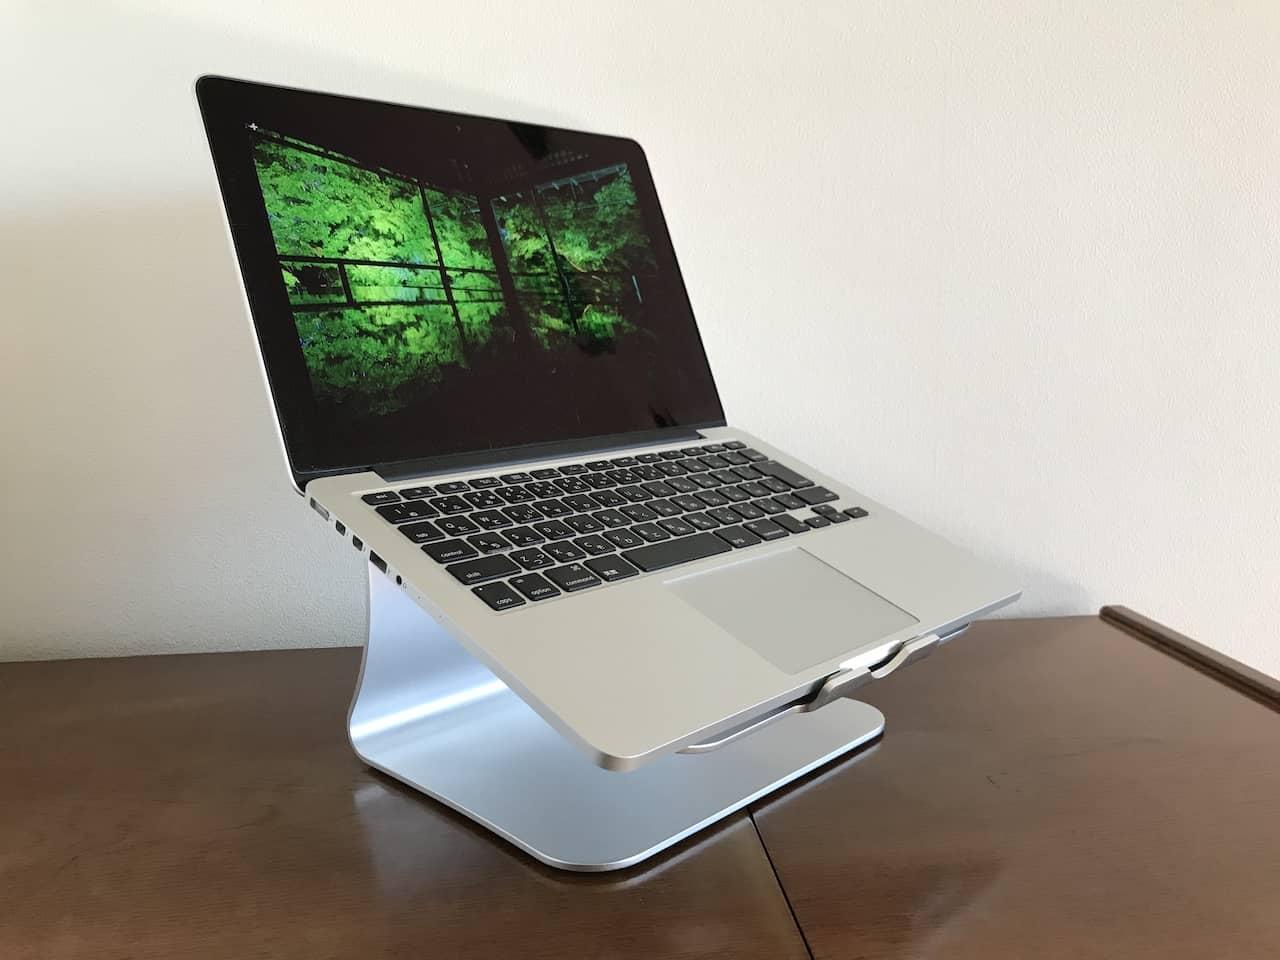 シルバーのノートPCスタンドに13インチのMacbook pro シルバーカラーが置かれています。